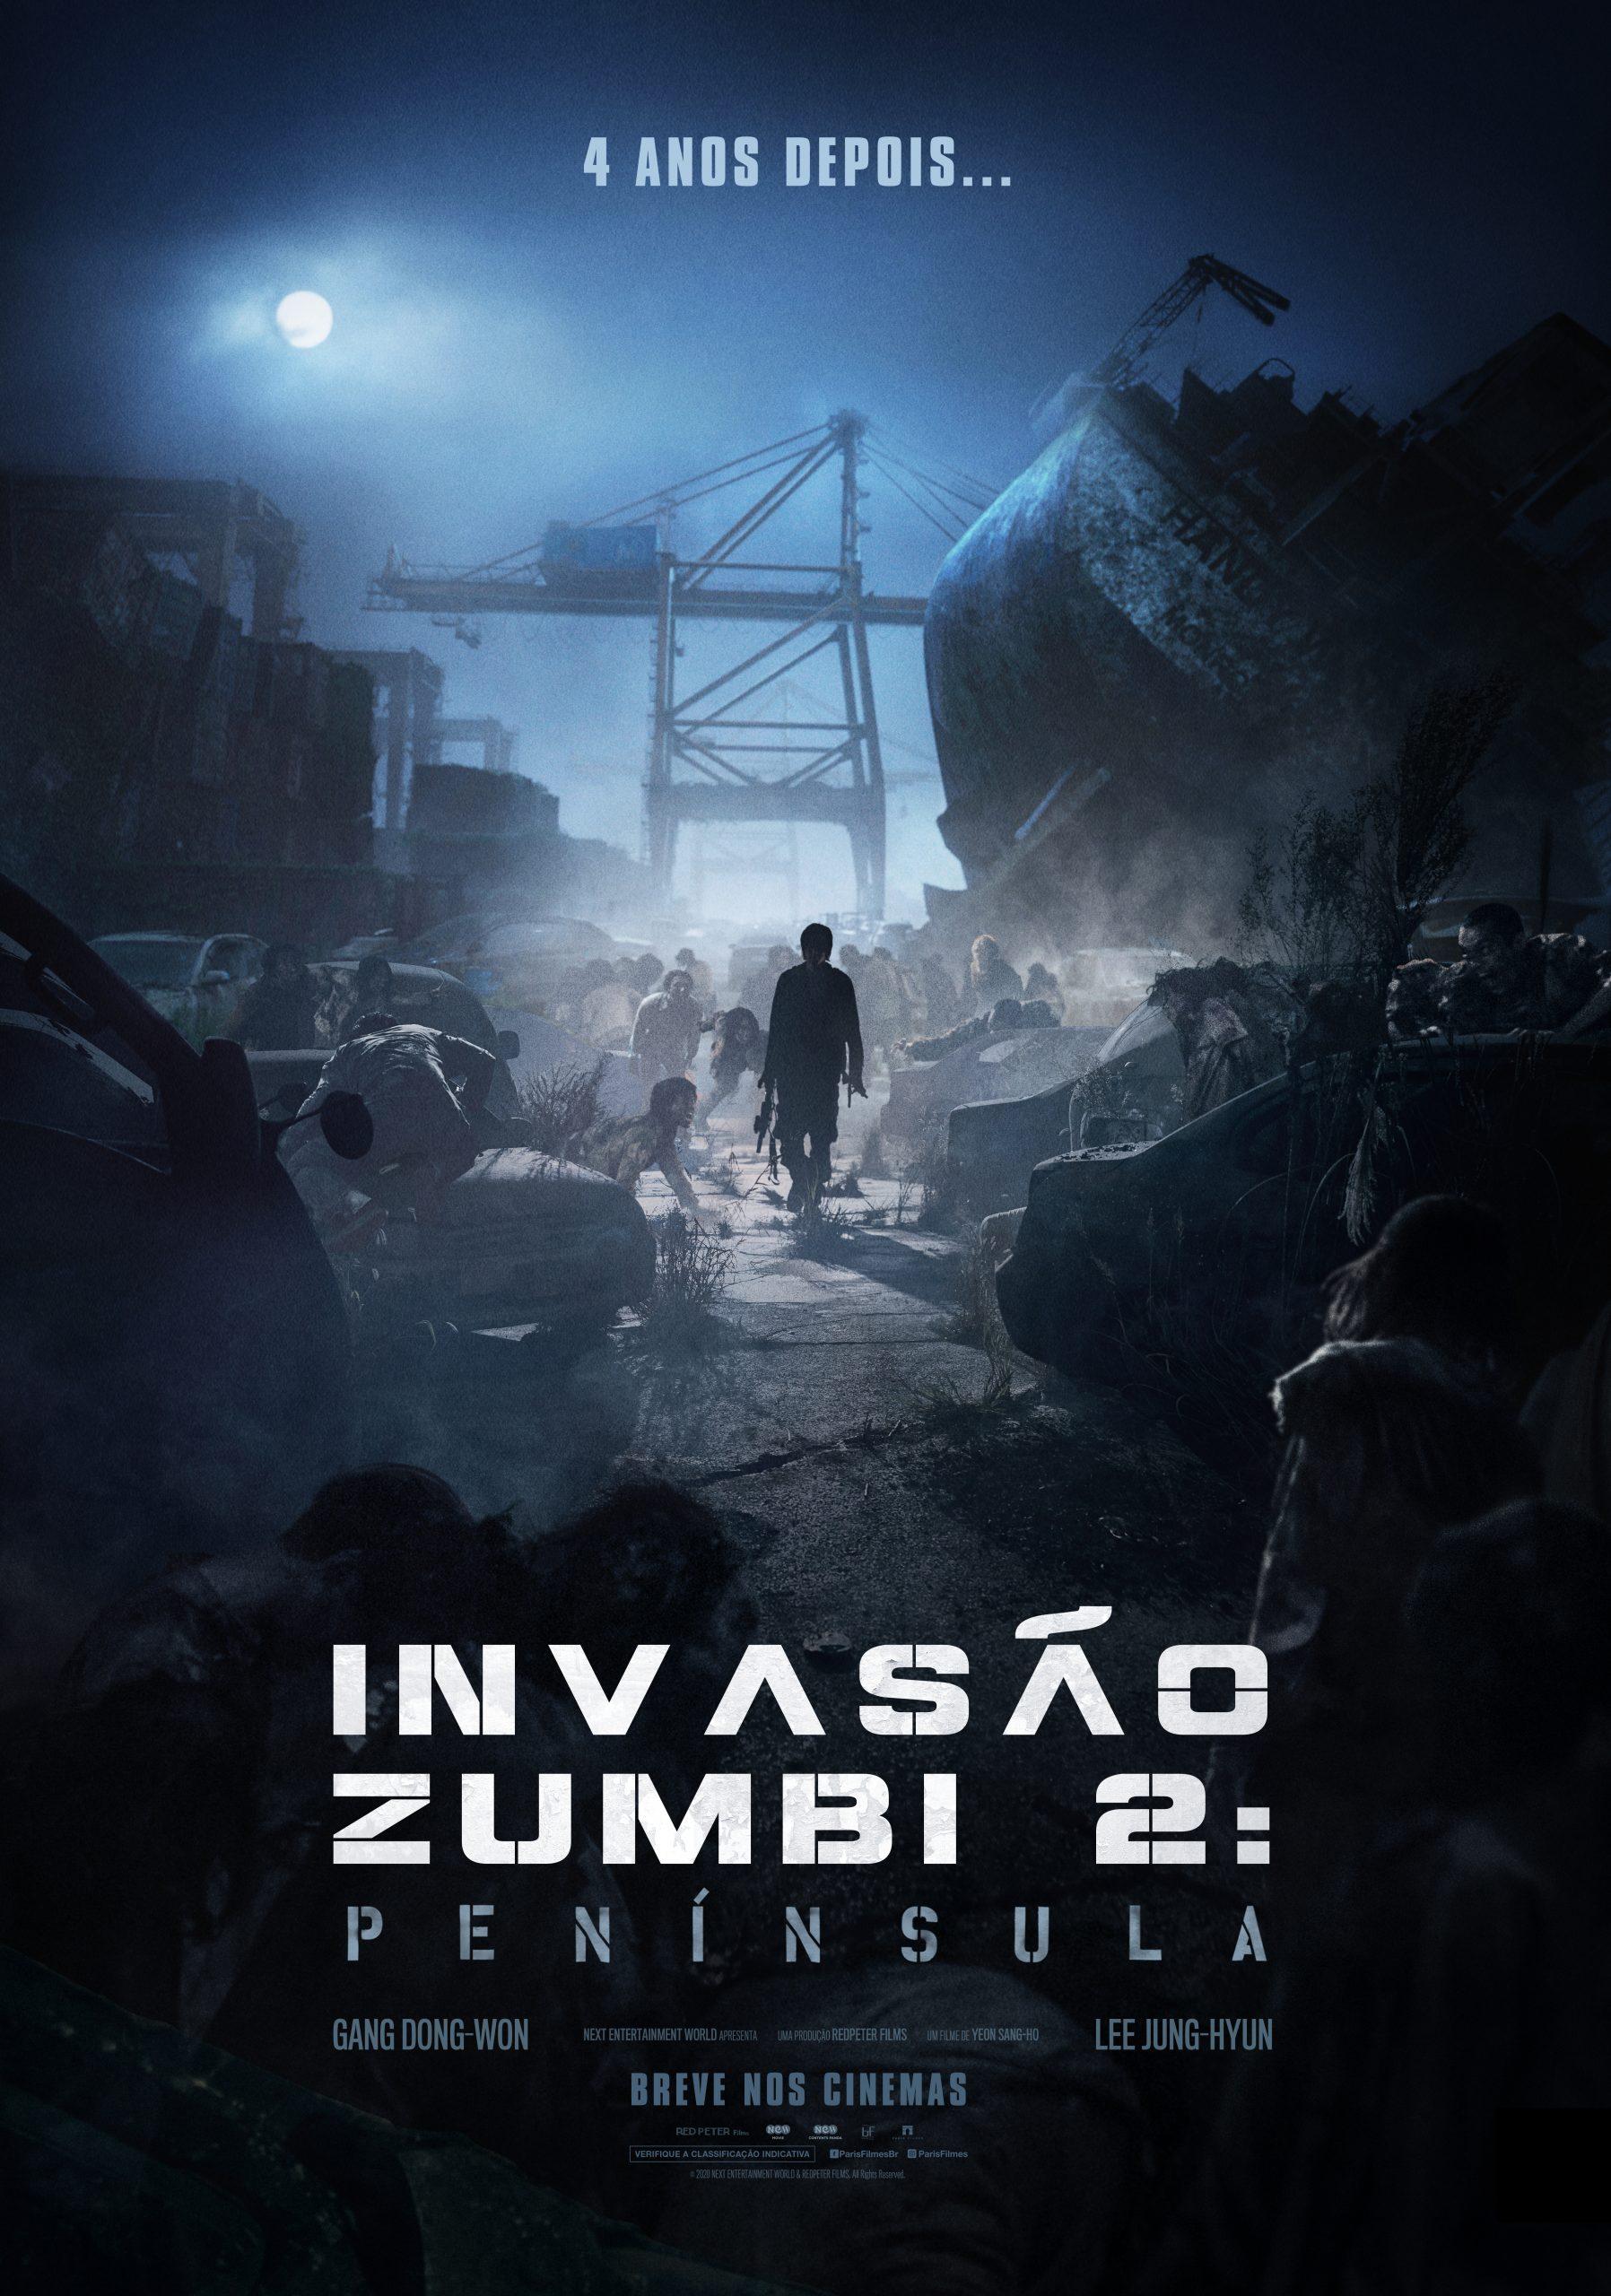 Invasão Zumbi 2